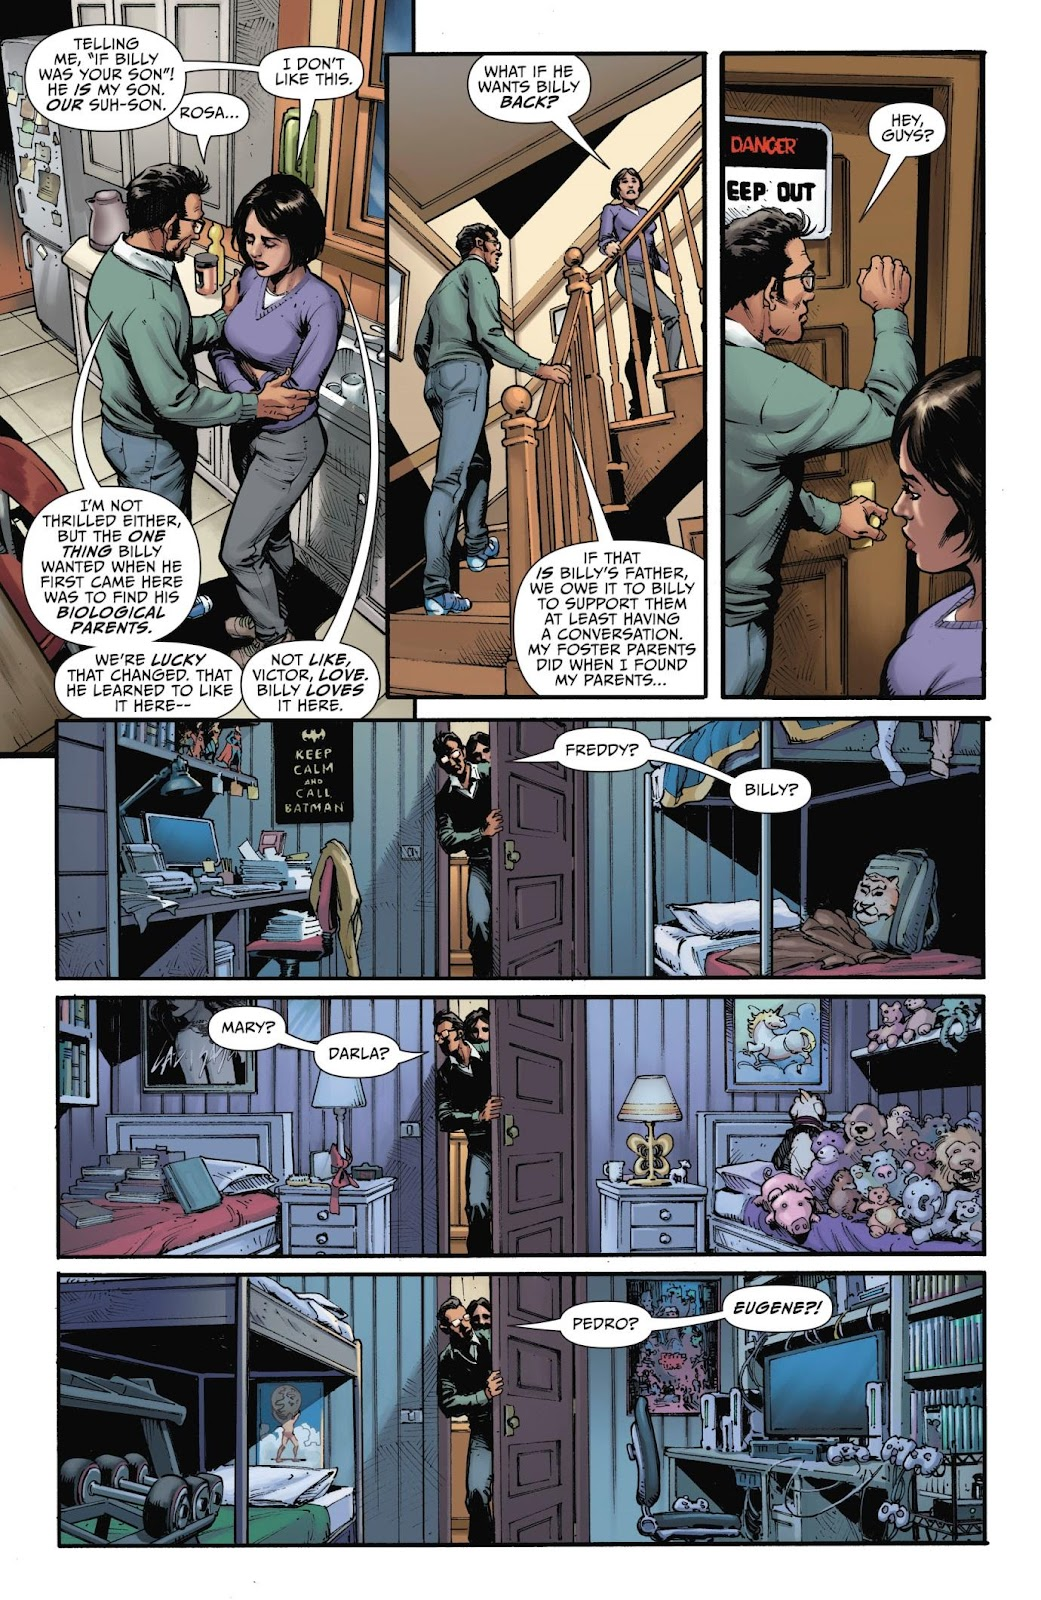 D:\Comics66\Shazam\shazam02\Shazam02pic\Shazam! (2018-) 002-004.jpg